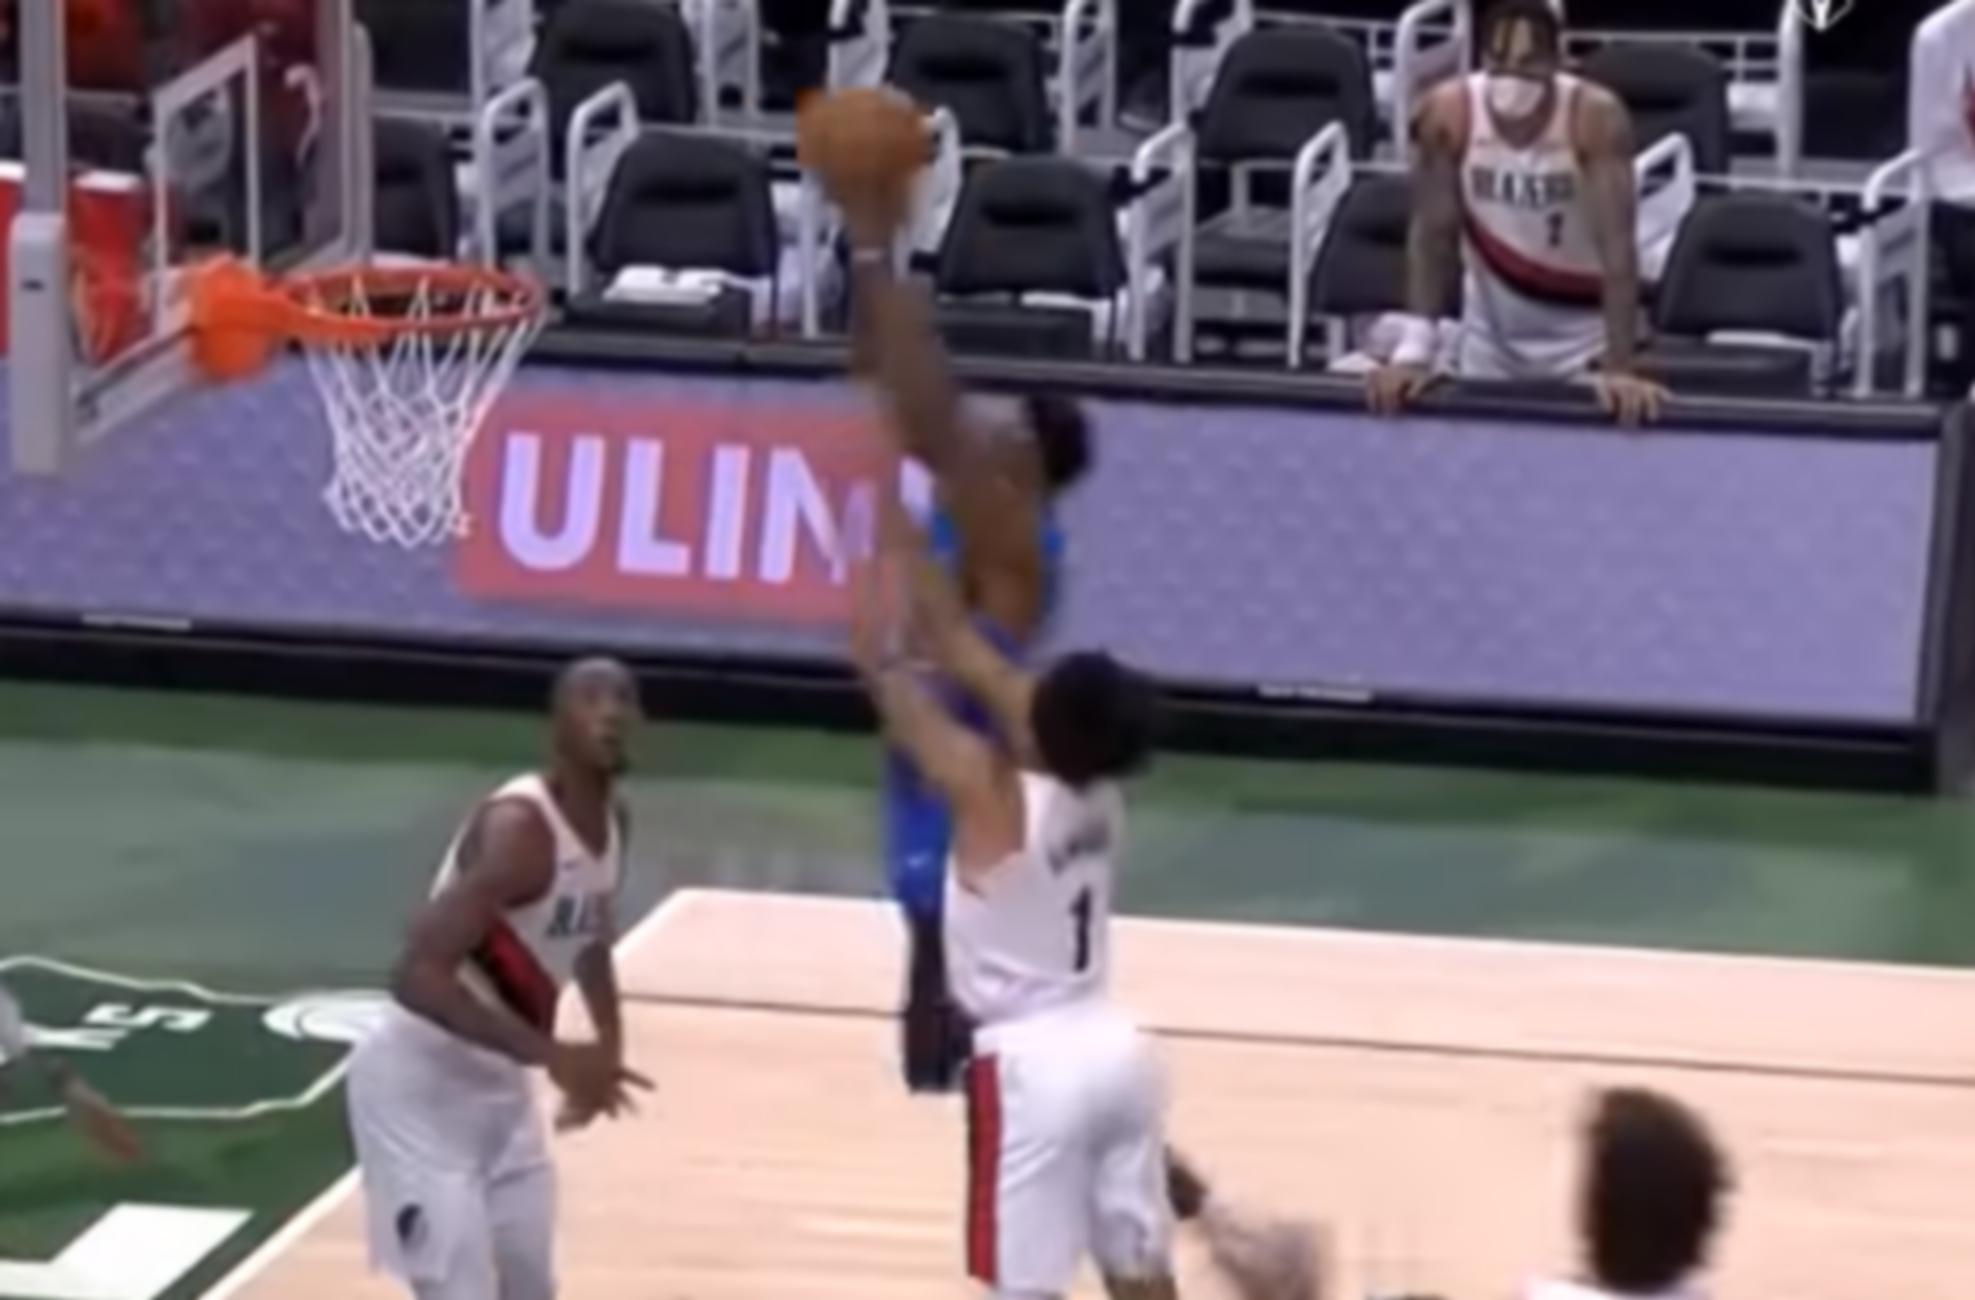 Φοβερό κάρφωμα από Θανάση Αντετοκούνμπο στο NBA (video)